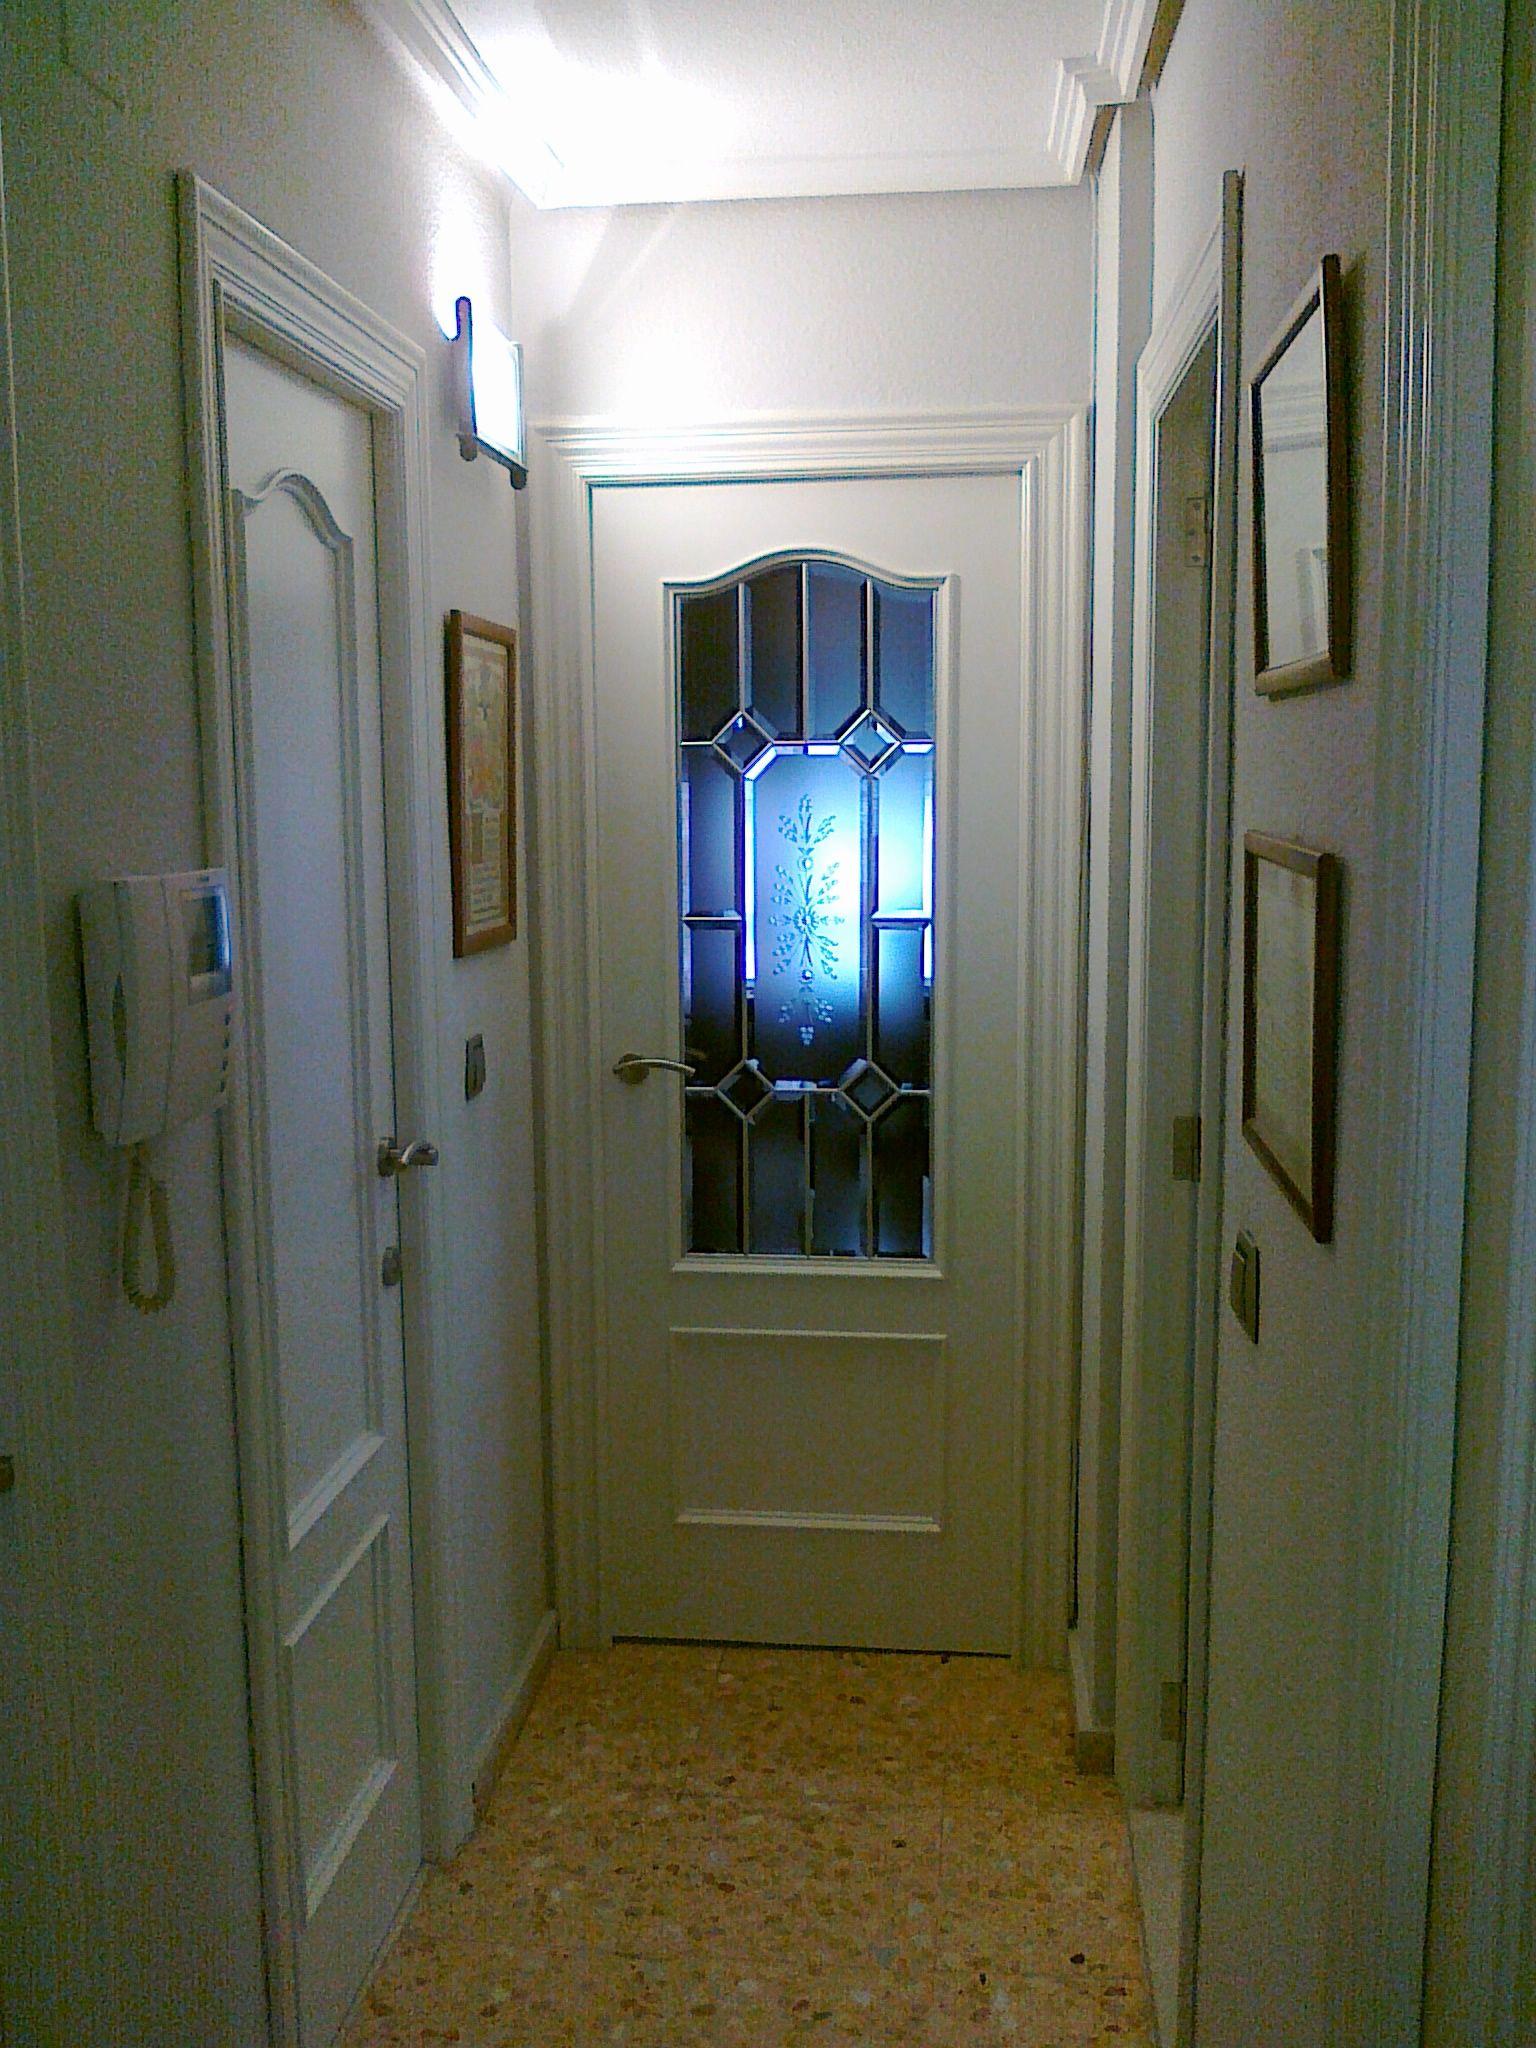 Foto 89 de Restauración de muebles y antigüedades en Beniparrell | Lacados y Barnizados Policlasic